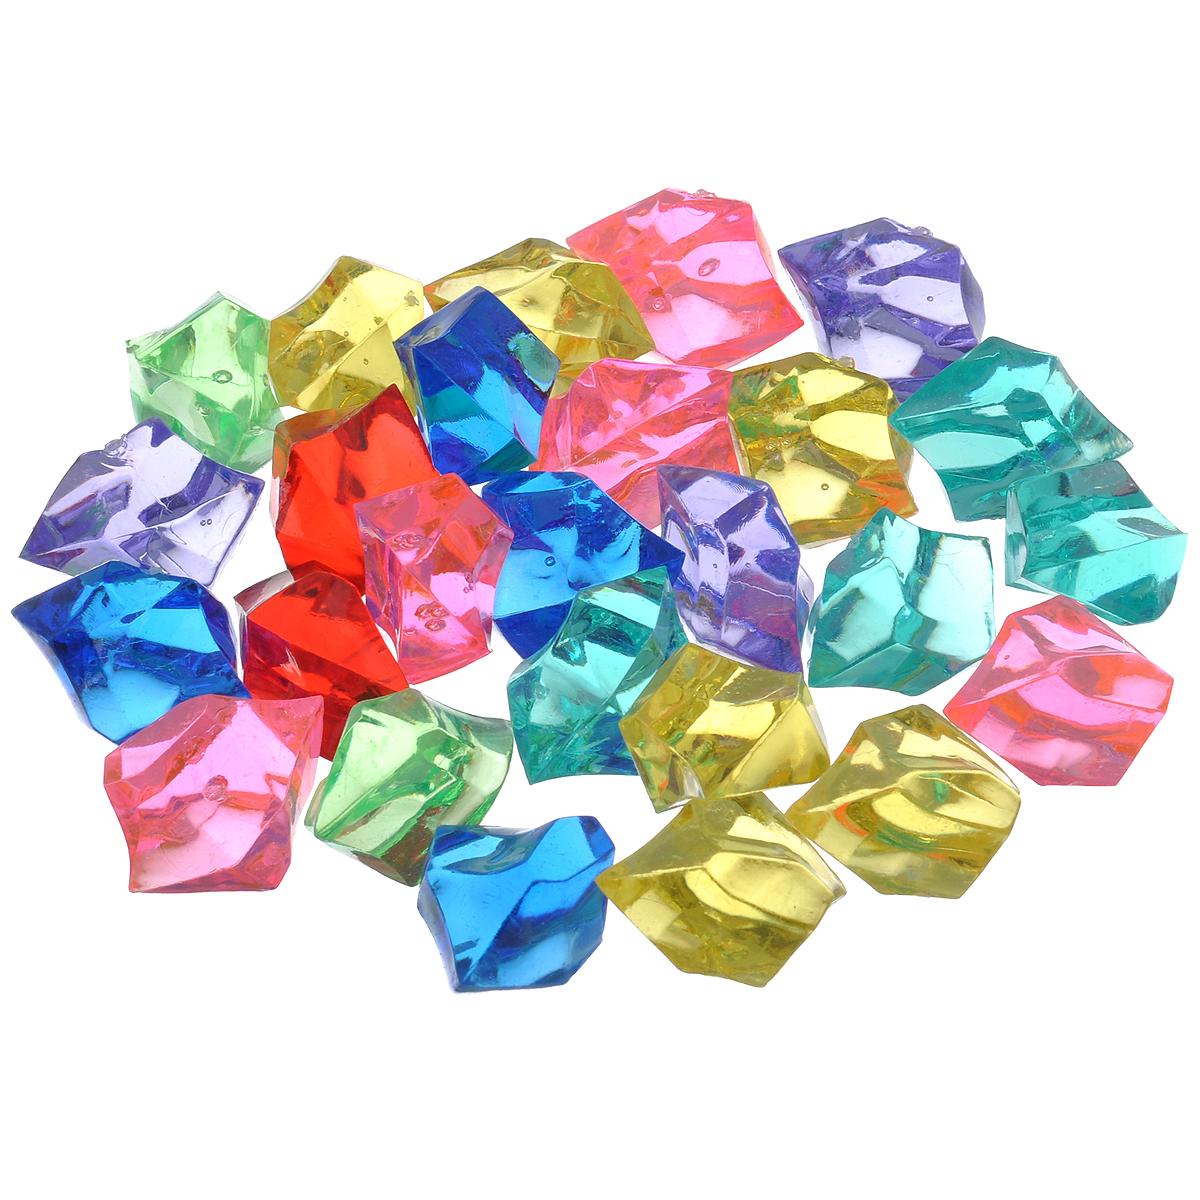 Набор декоративных кристаллов Большие камни. Ассорти, 70 гGA 1002Набор декоративных кристаллов Большие камни. Ассорти, выполненный из пластика, замечательно подойдет для украшения вашего дома. Его можно использовать для создания индивидуального интерьера, а так же как наполнитель декоративных ваз. Декоративные кристаллы создают чувство уюта и улучшают настроение.Вес упаковки: 70 г.Средний размер кристалла: 3,2 см х 2 см х 2,4 см.